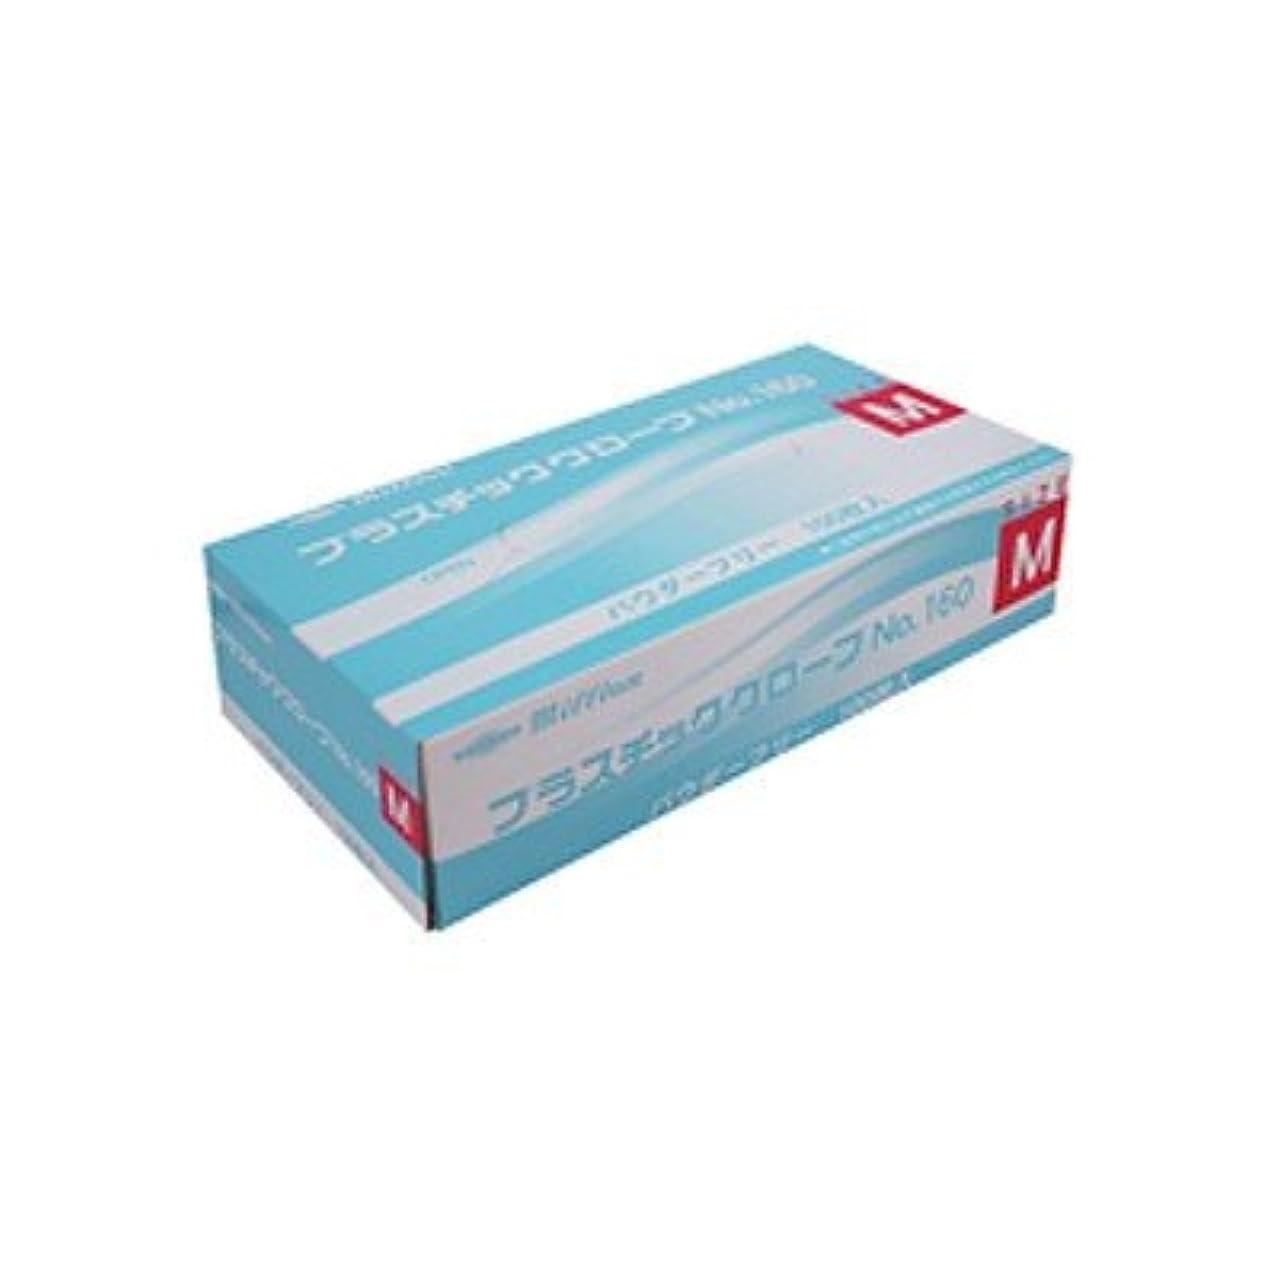 獲物メカニック険しいミリオン プラスチック手袋 粉無 No.160 M 品番:LH-160-M 注文番号:62741606 メーカー:共和